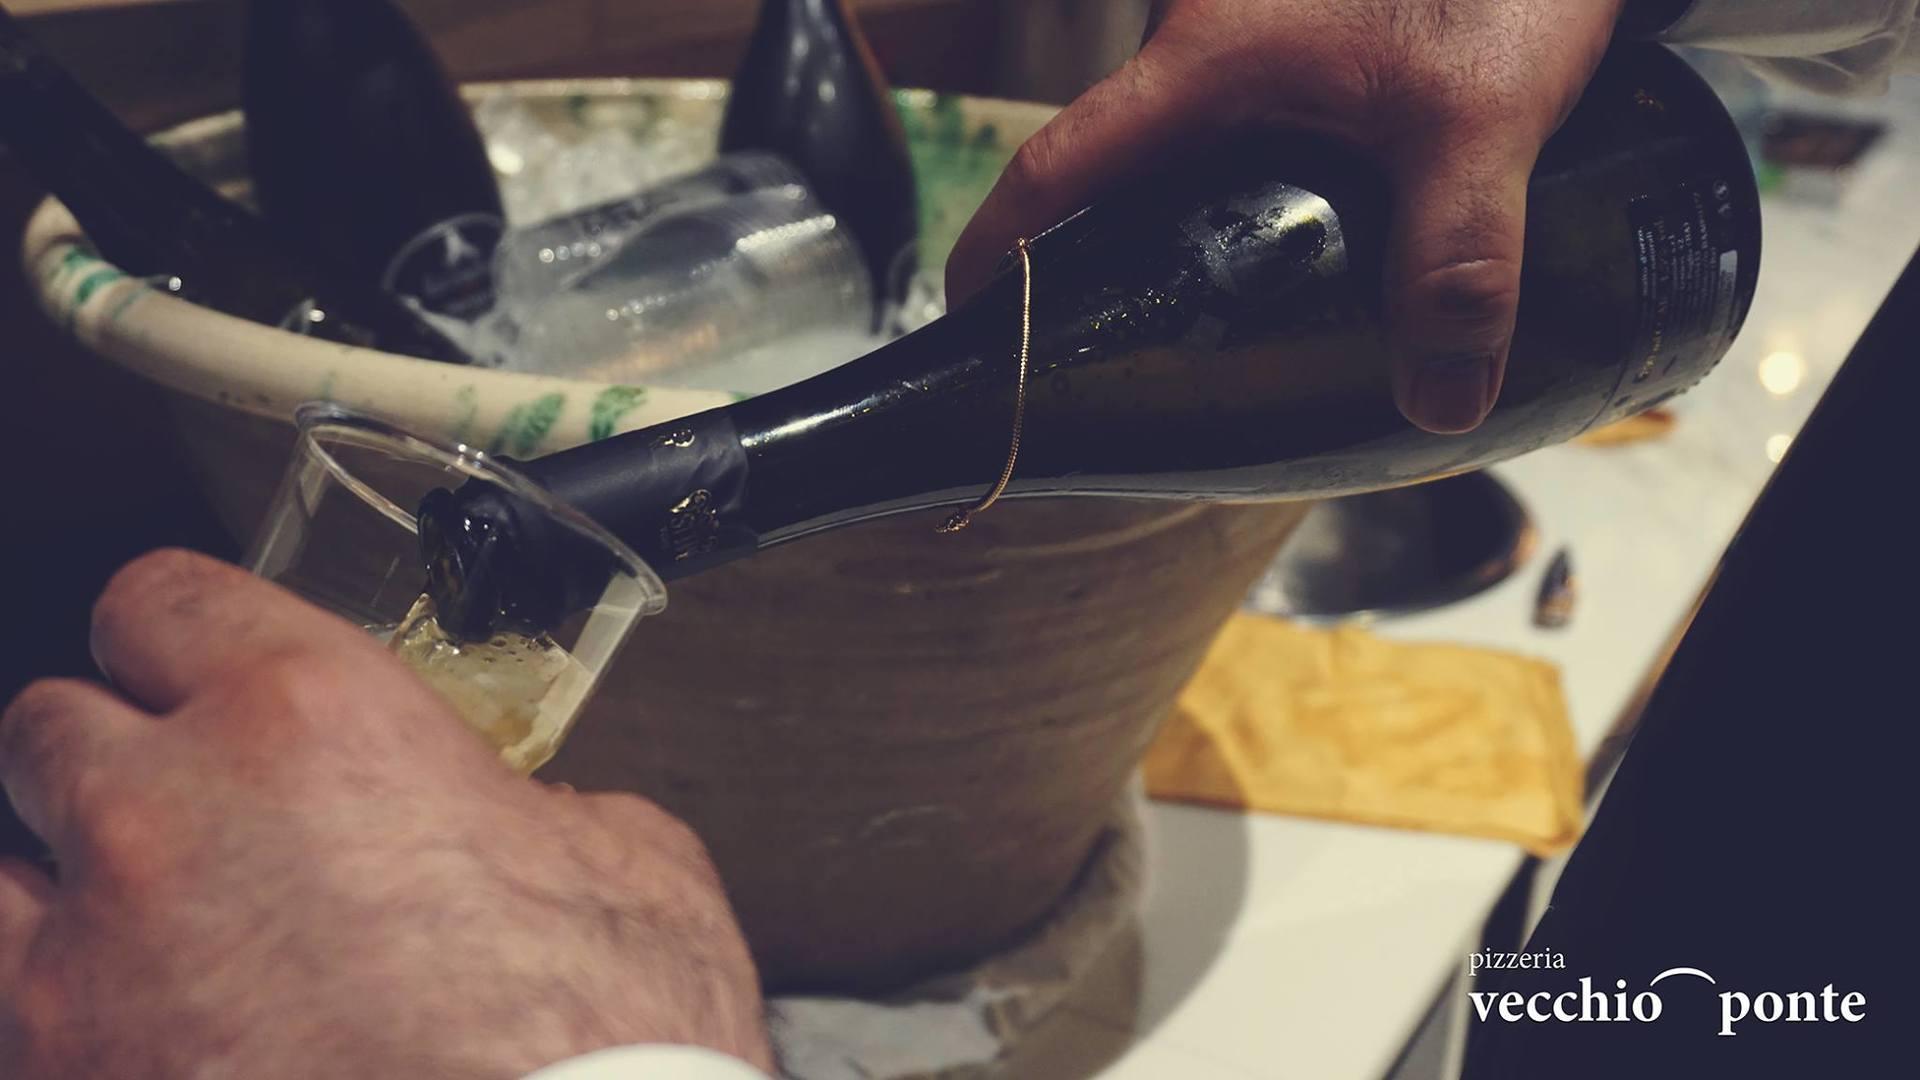 mano che versa champagne nel bicchiere